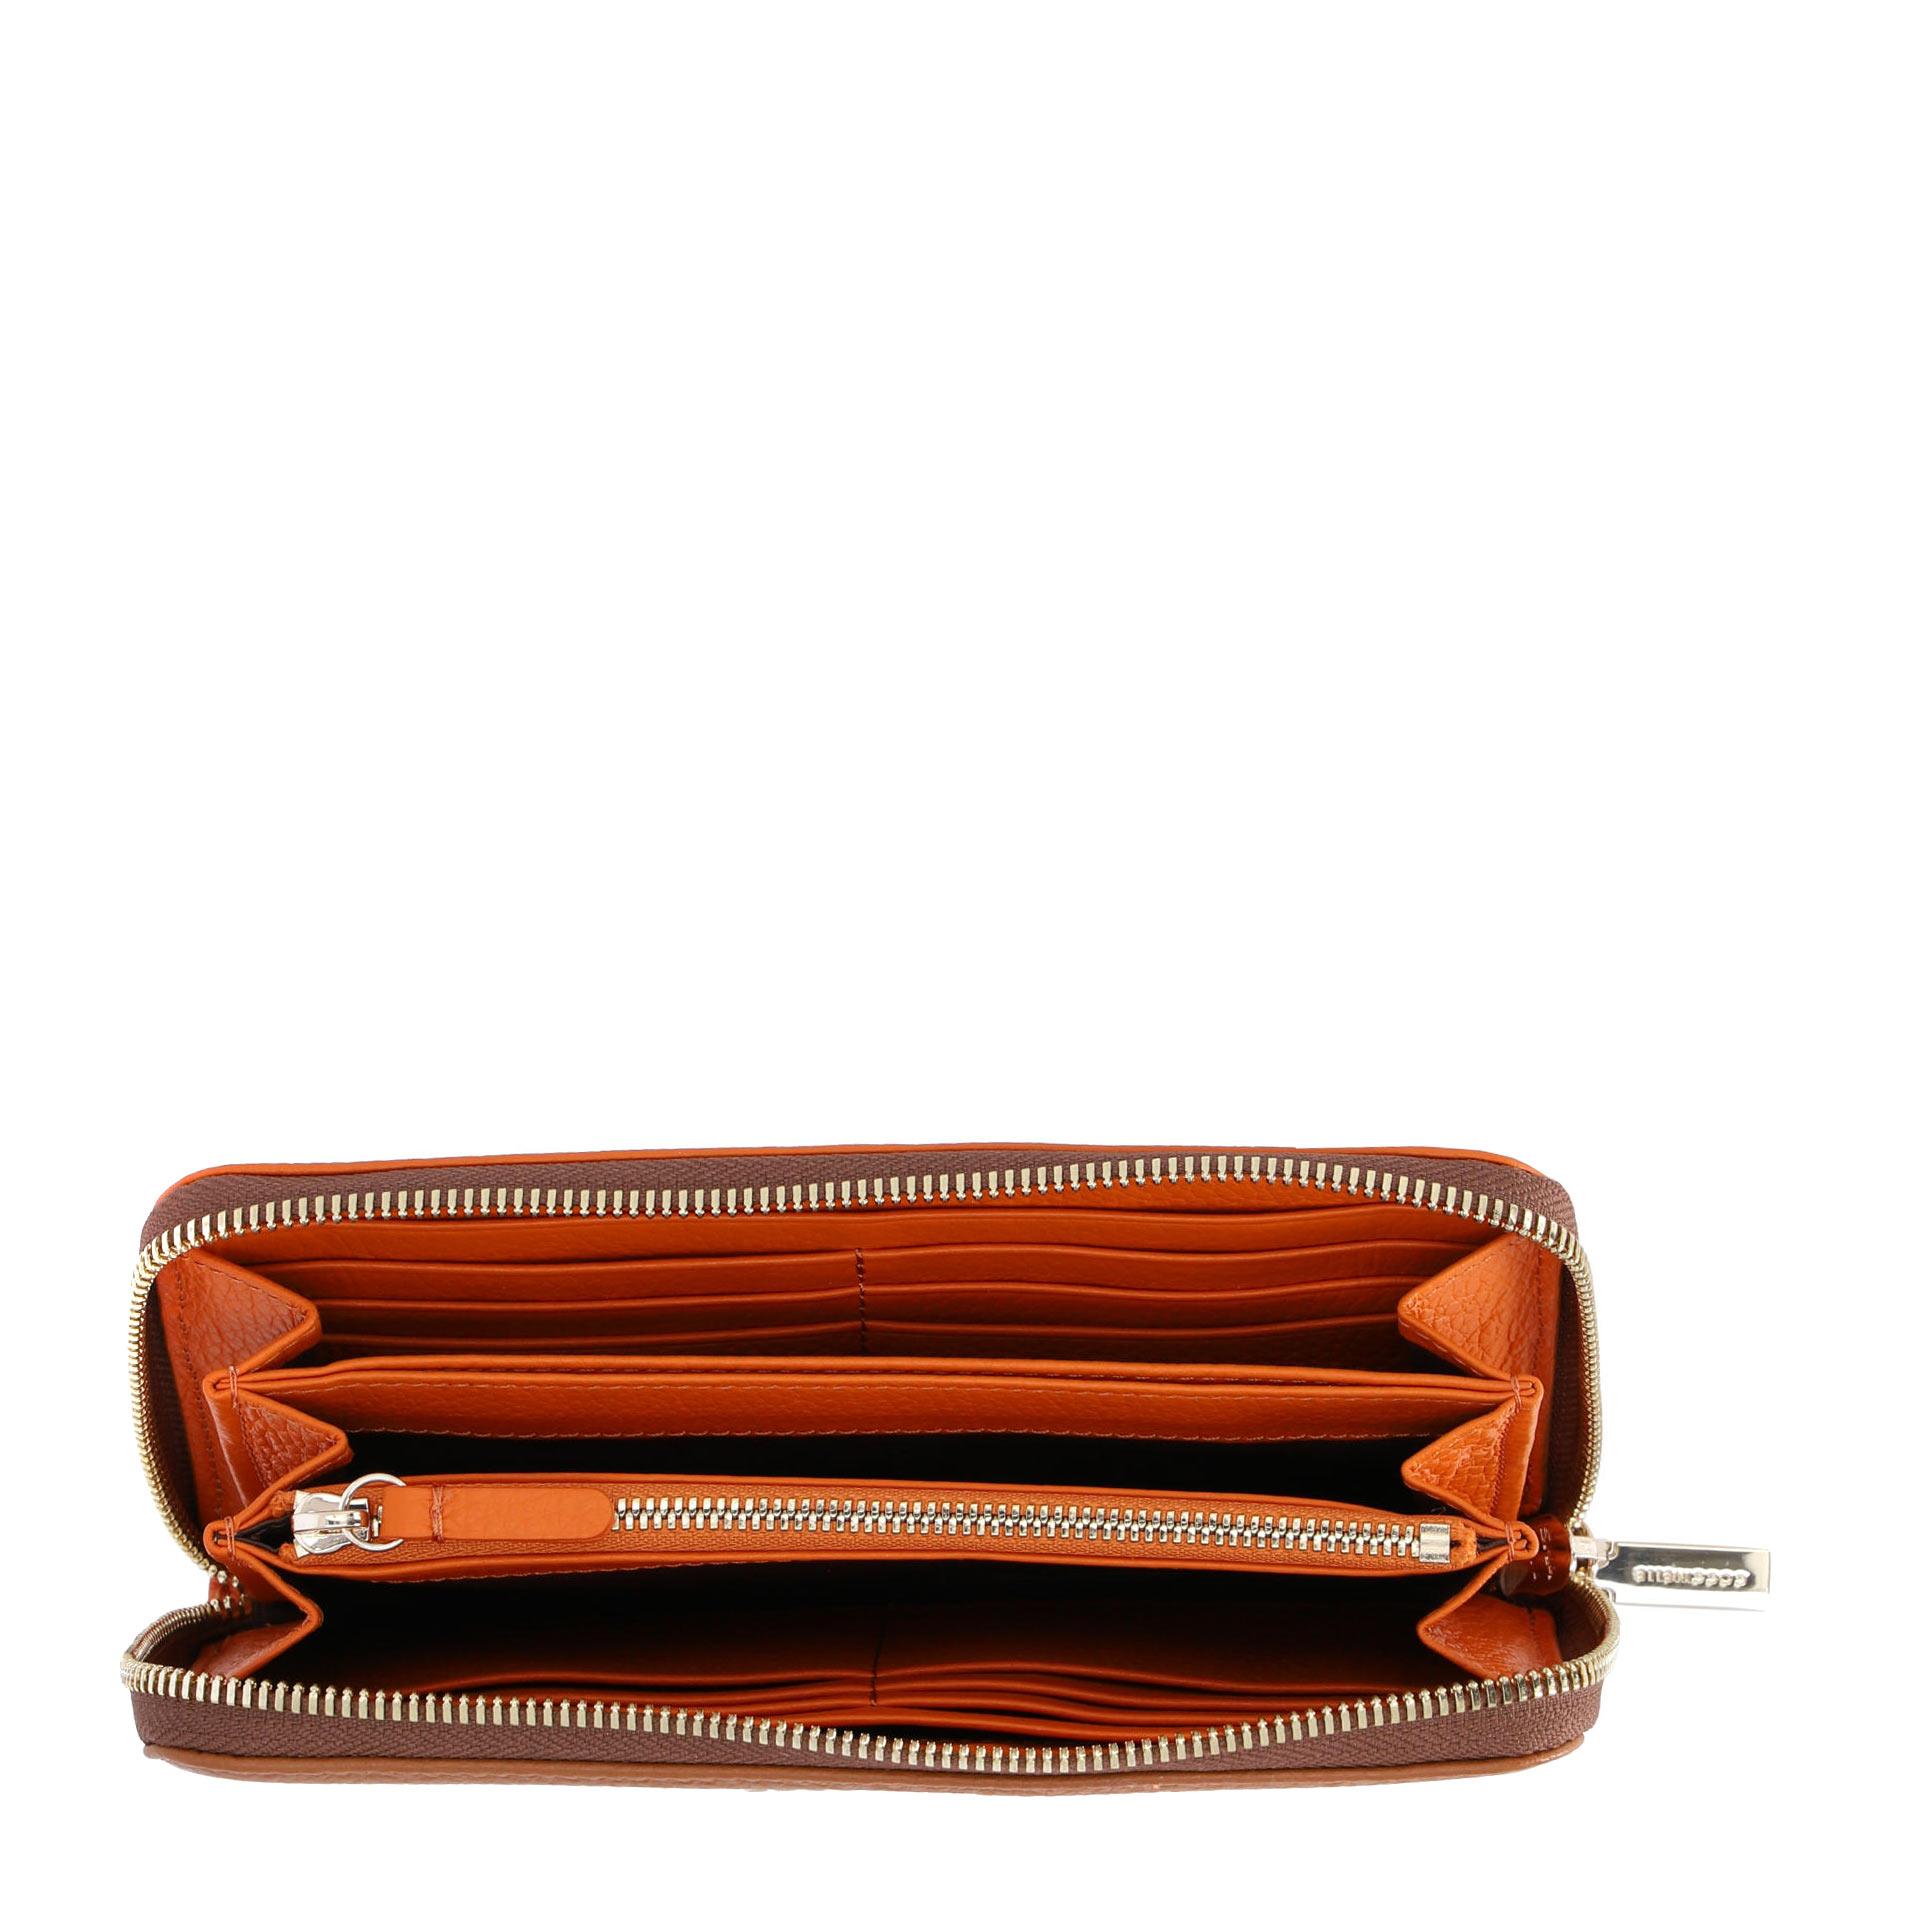 Coccinelle Metallic Bicolor Geldbörse aus natürlich genarbtem Leder caramel/ginger